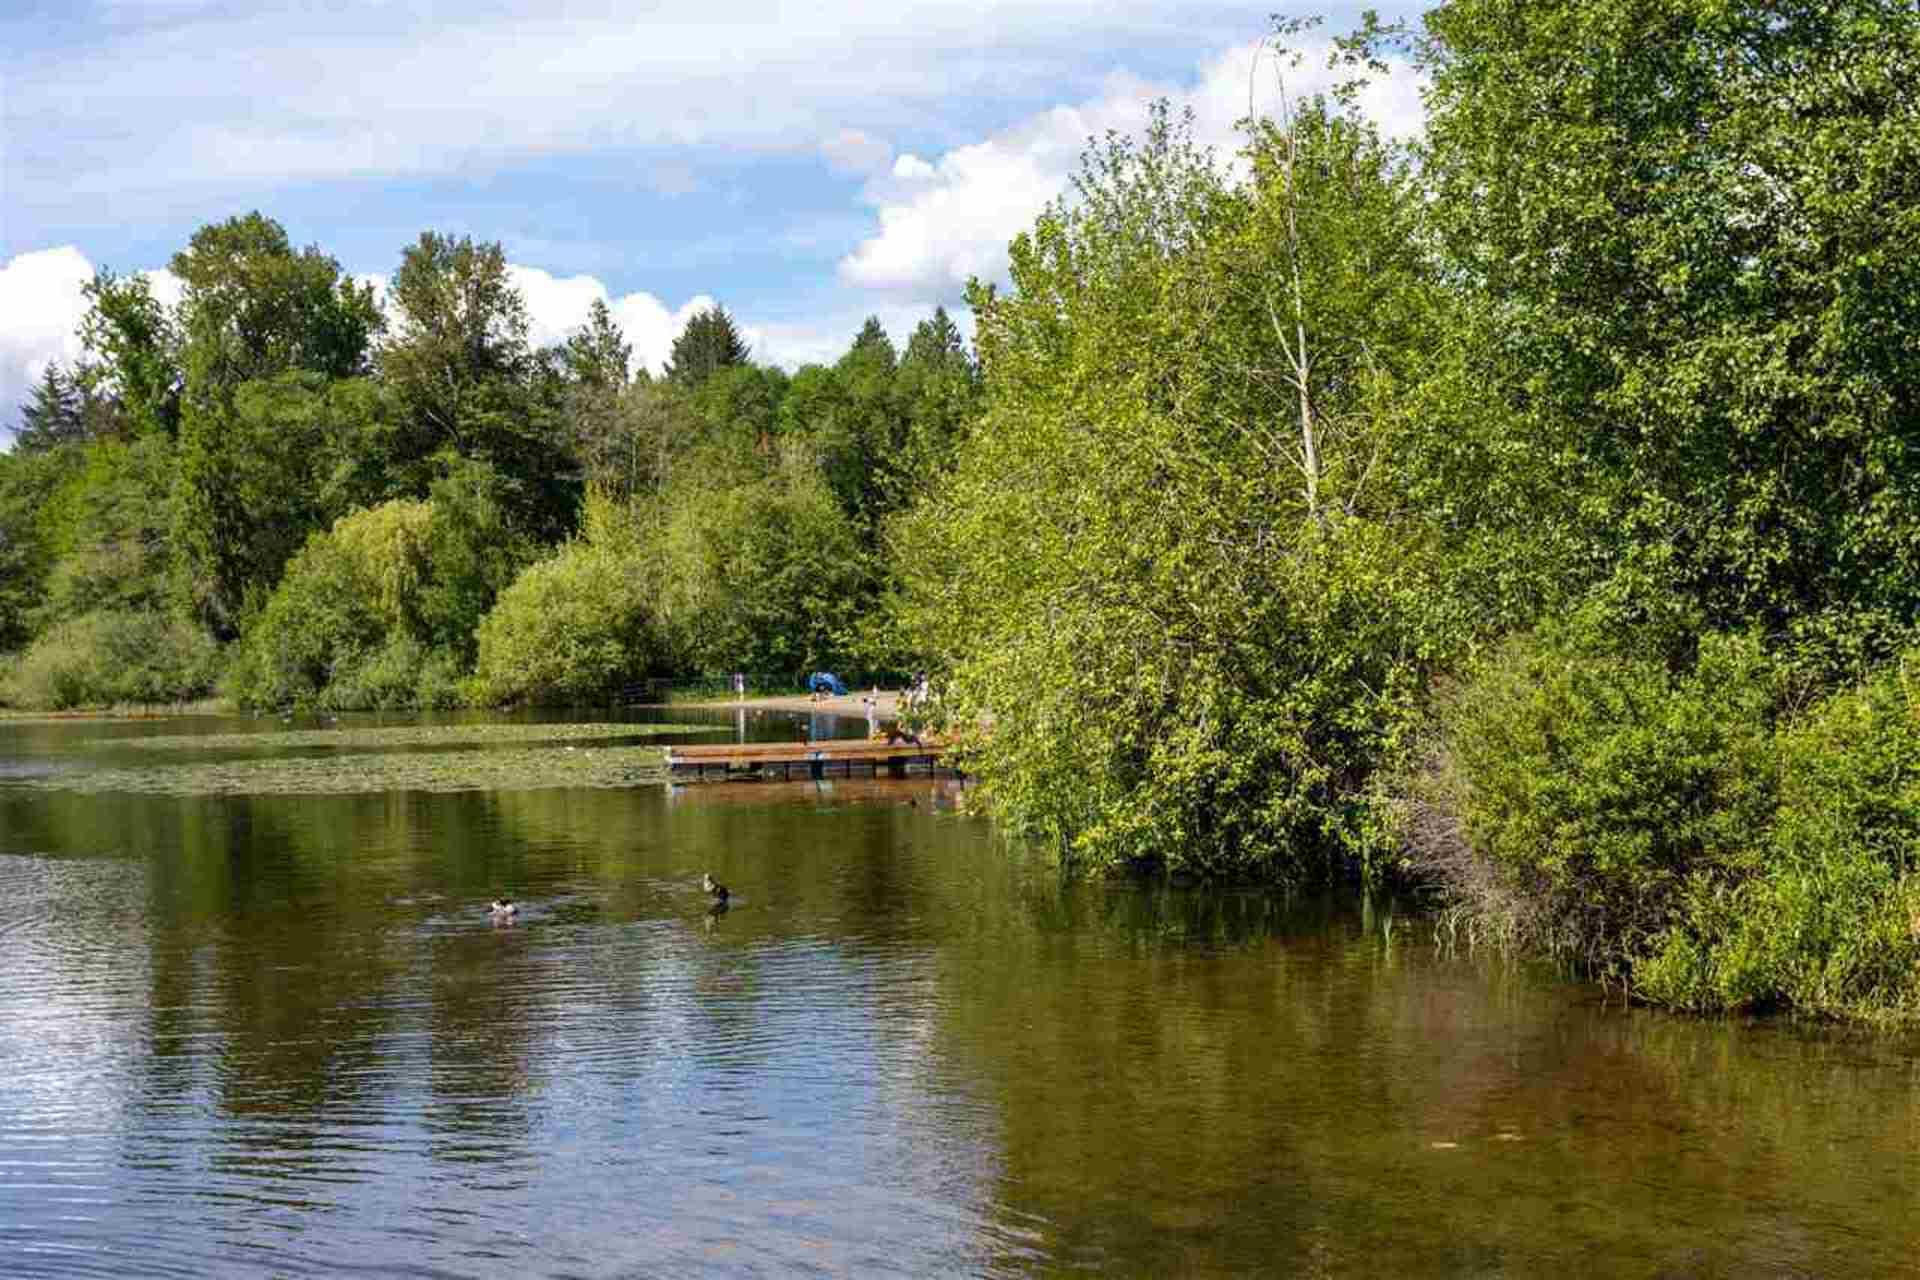 6036-brantford-avenue-upper-deer-lake-burnaby-south-19 at 6036 Brantford Avenue, Upper Deer Lake, Burnaby South